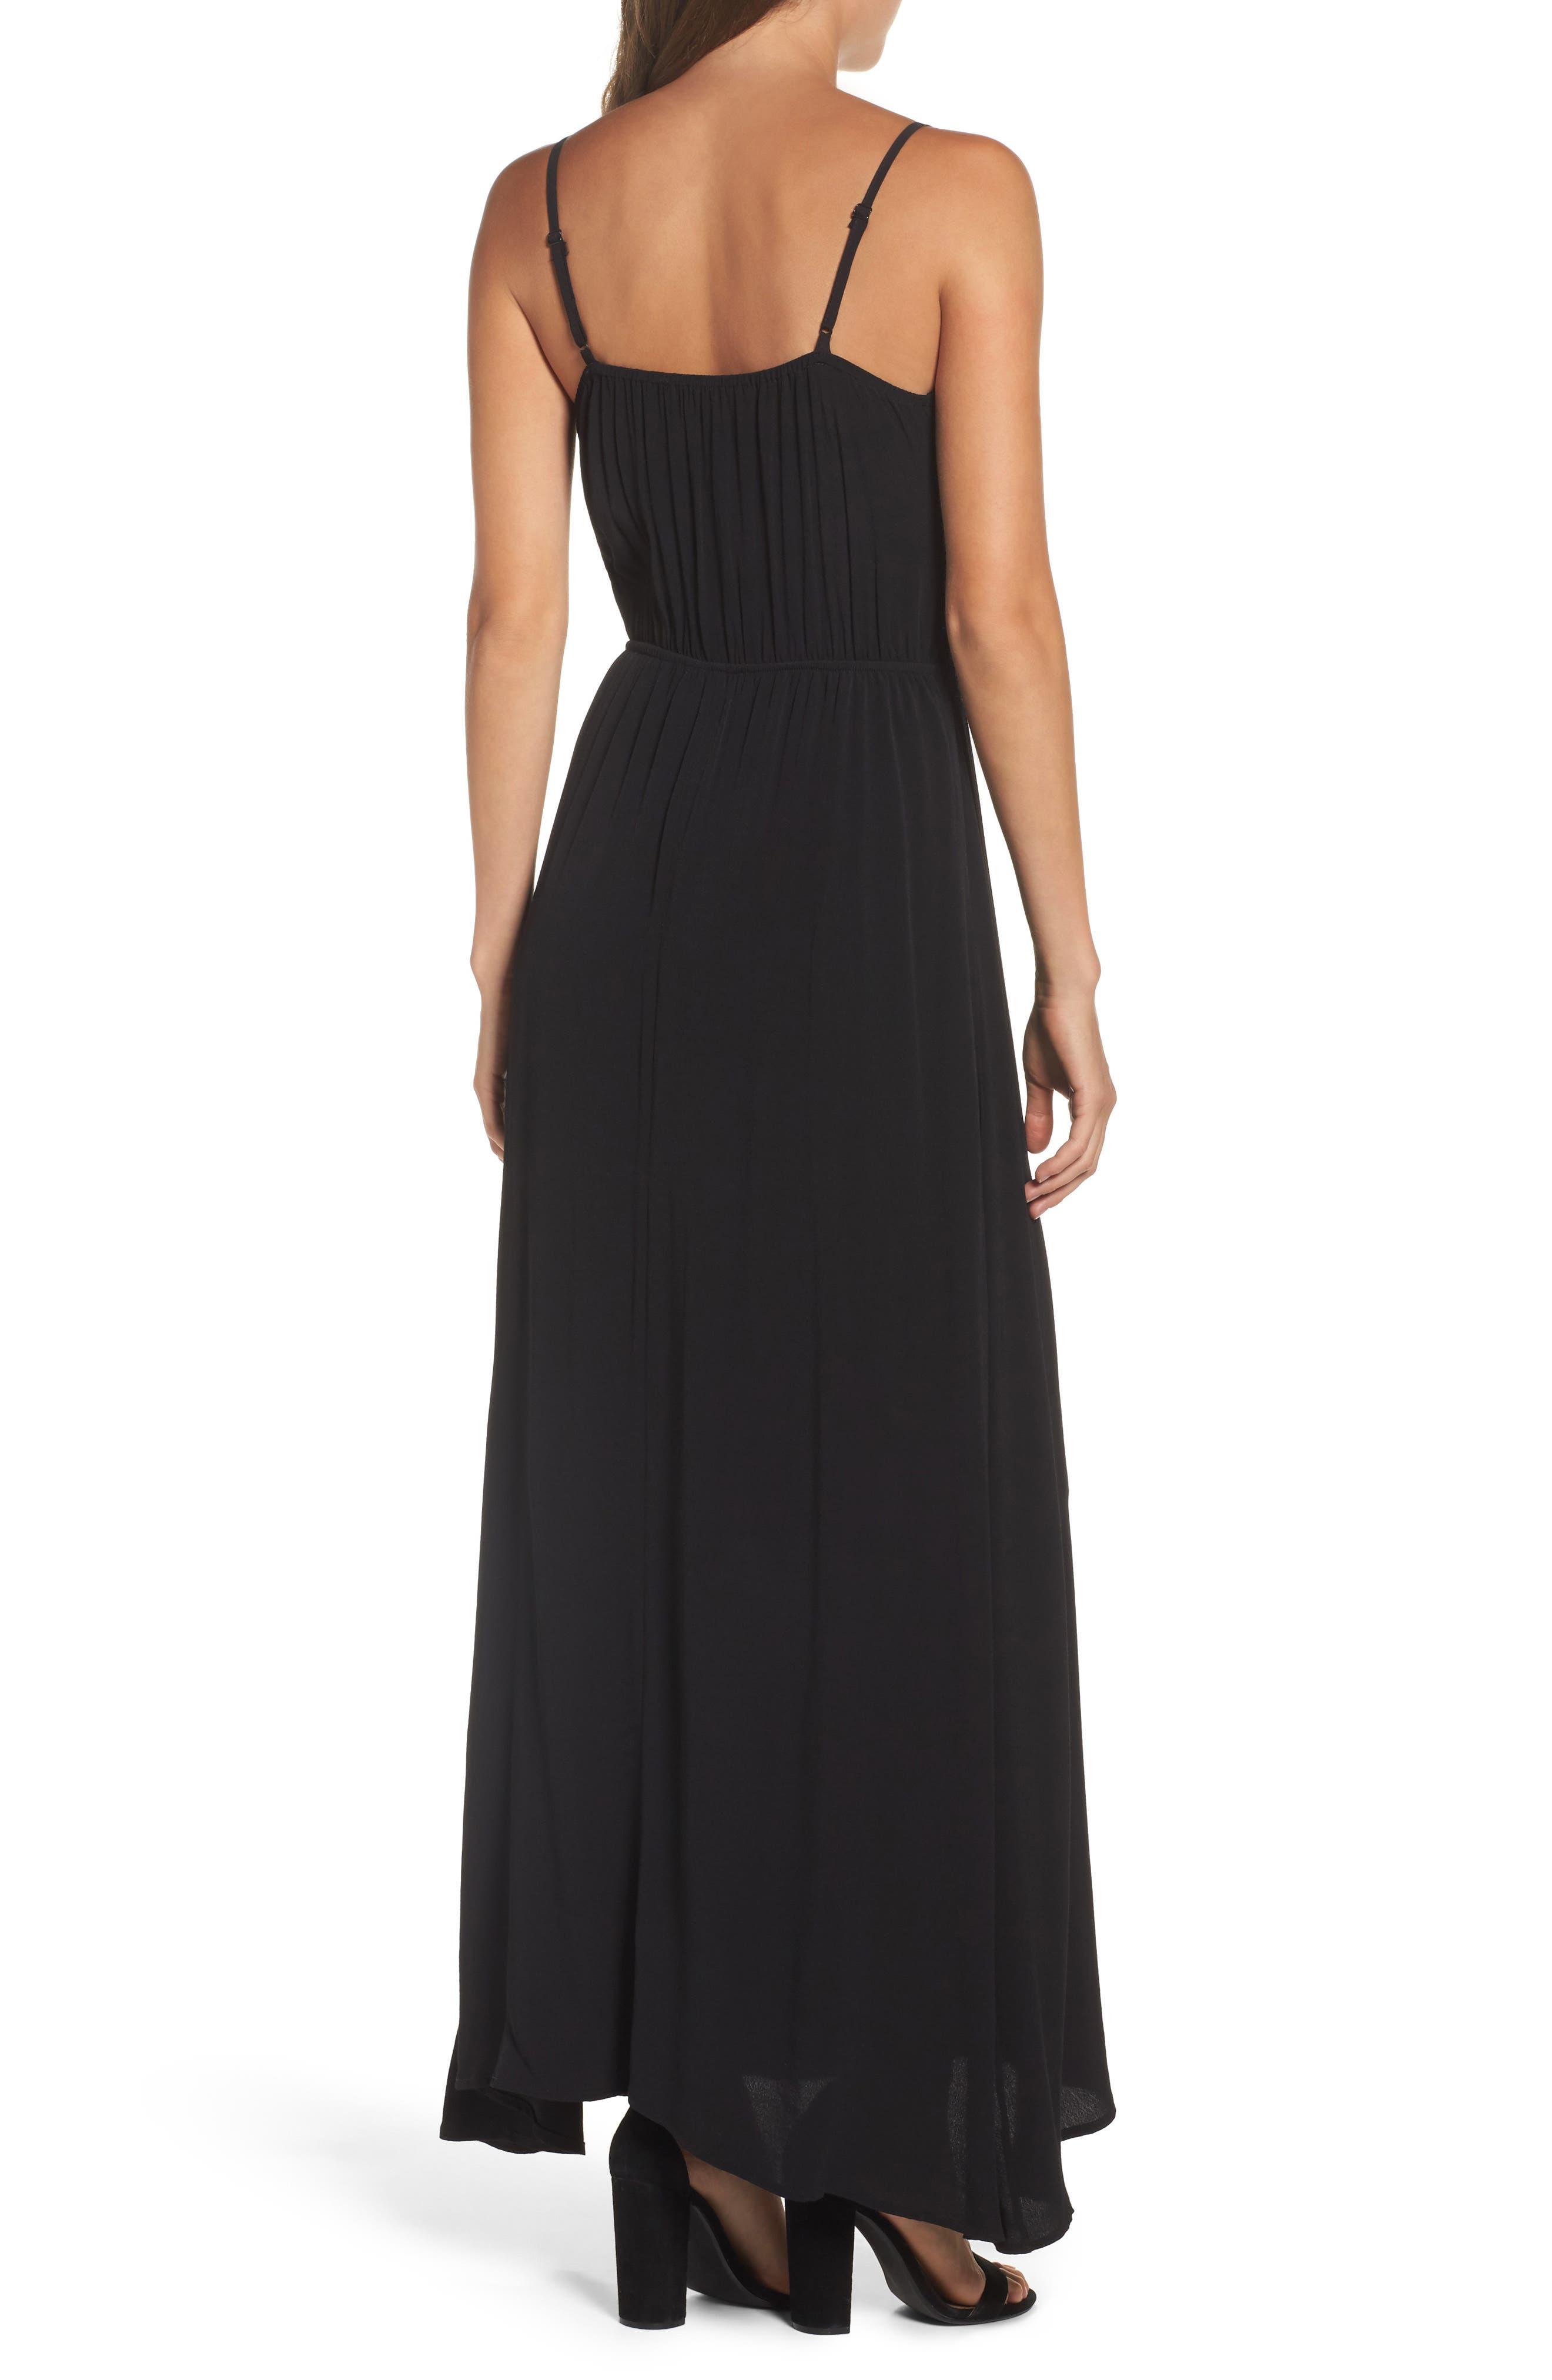 Blouson Maxi Dress,                             Alternate thumbnail 2, color,                             BLACK